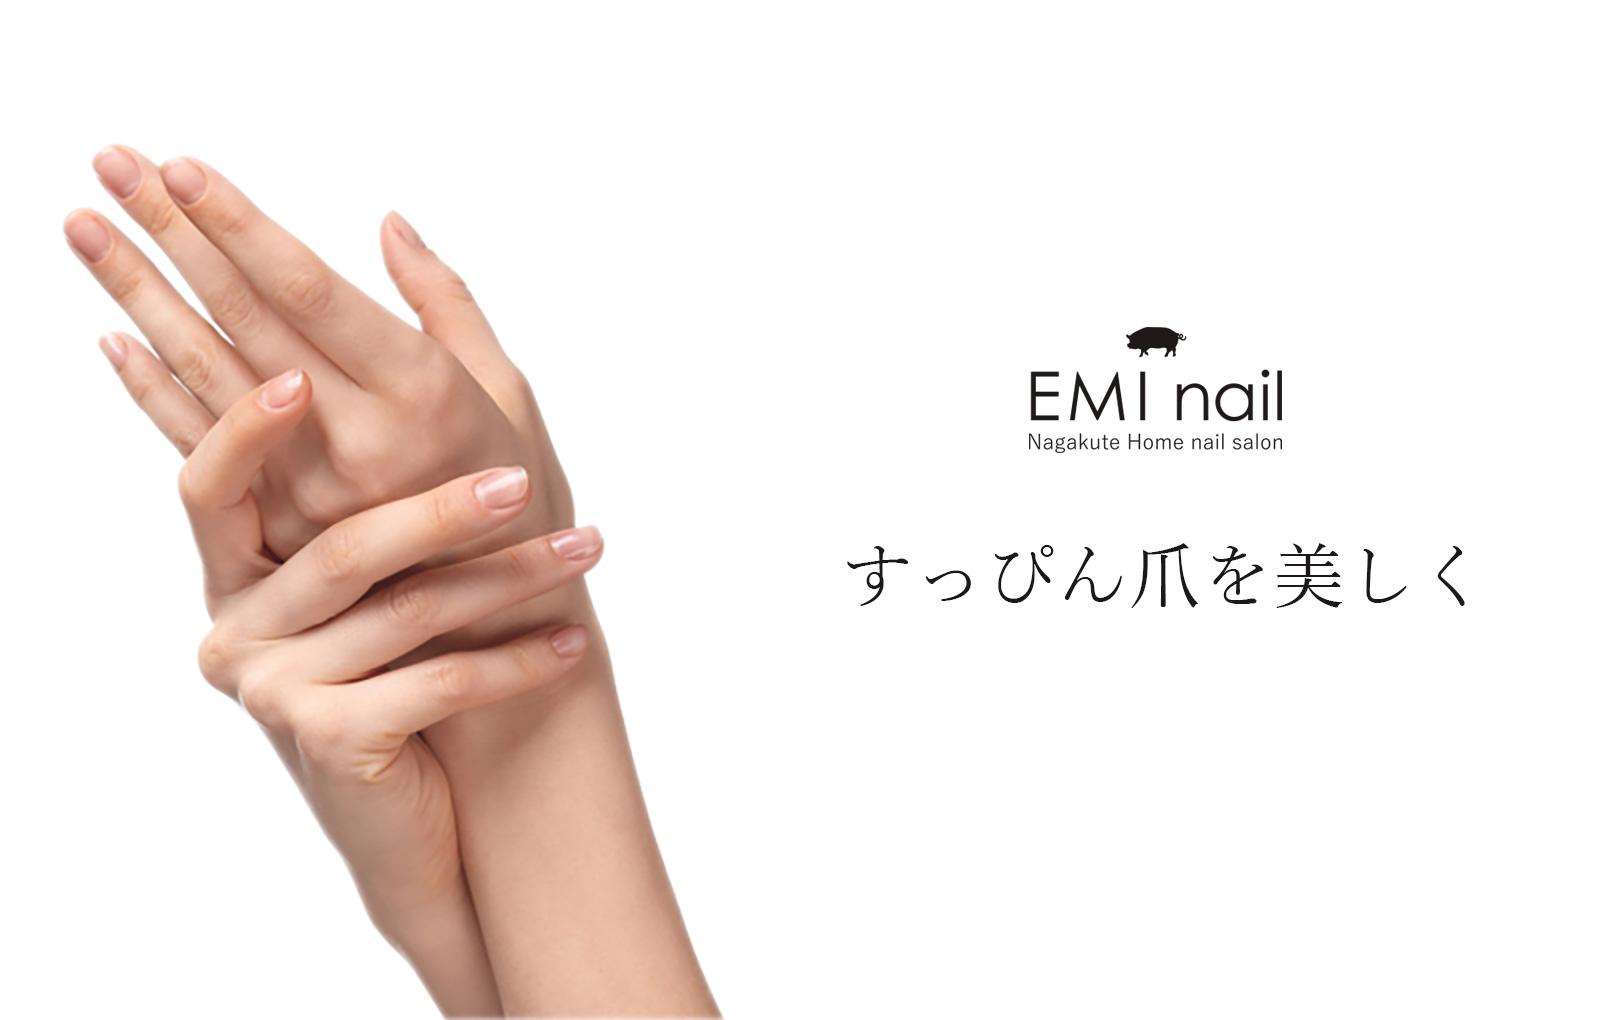 すっぴん爪を美しく Eminail